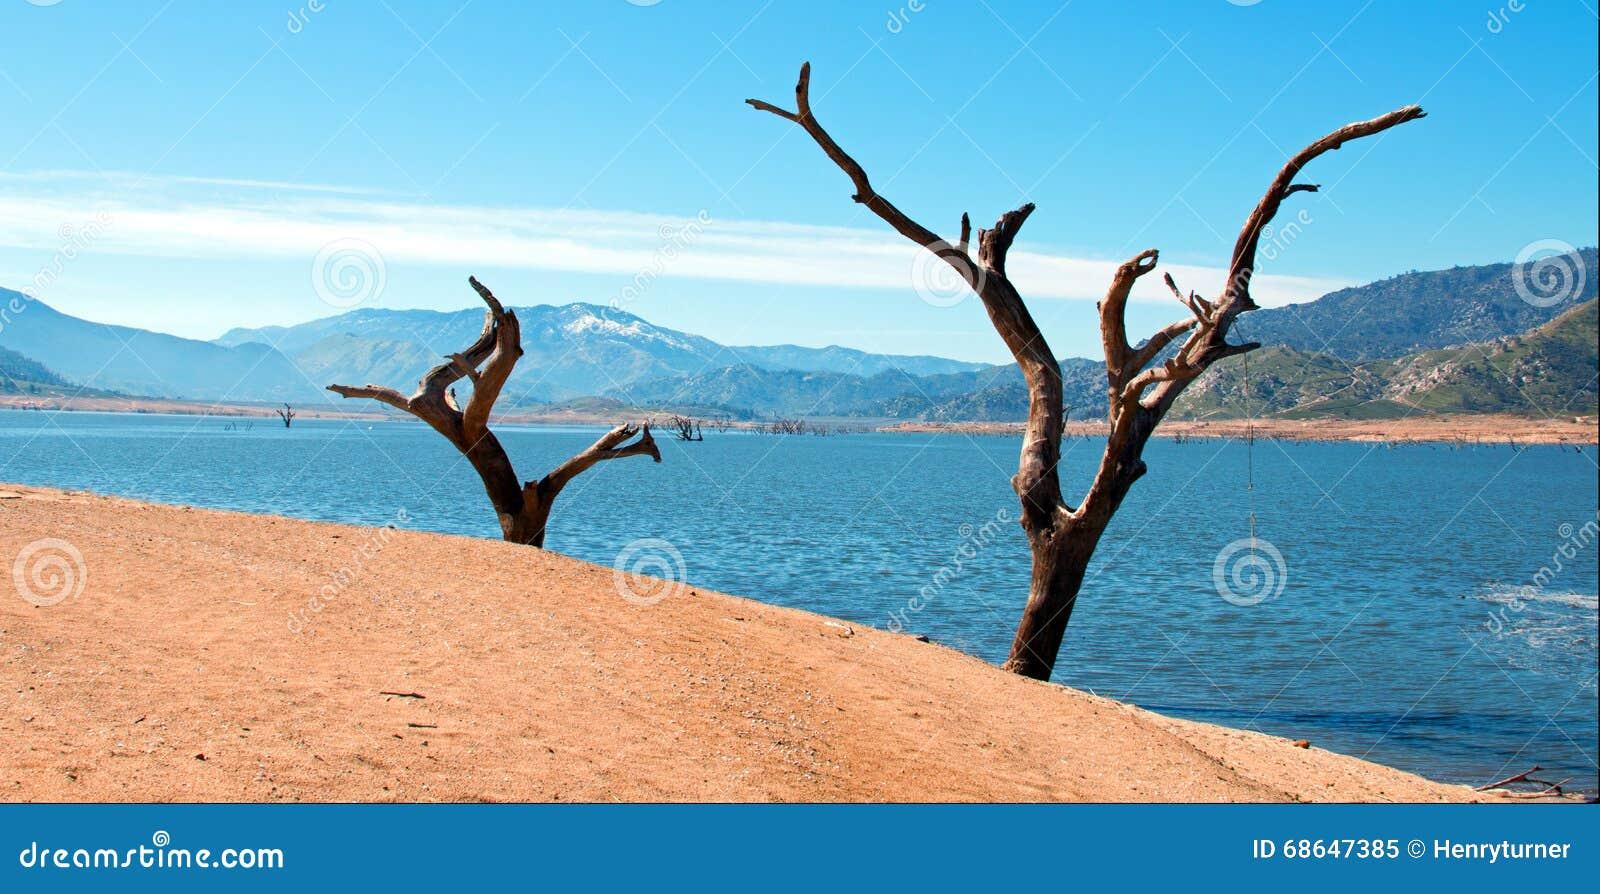 Νεκροί δέντρα και κορμοί κατά μήκος των όχθεων του Kern ποταμού όπου εισάγει το πληγε ν από την ξηρασία ασβέστιο της Isabella Καλ